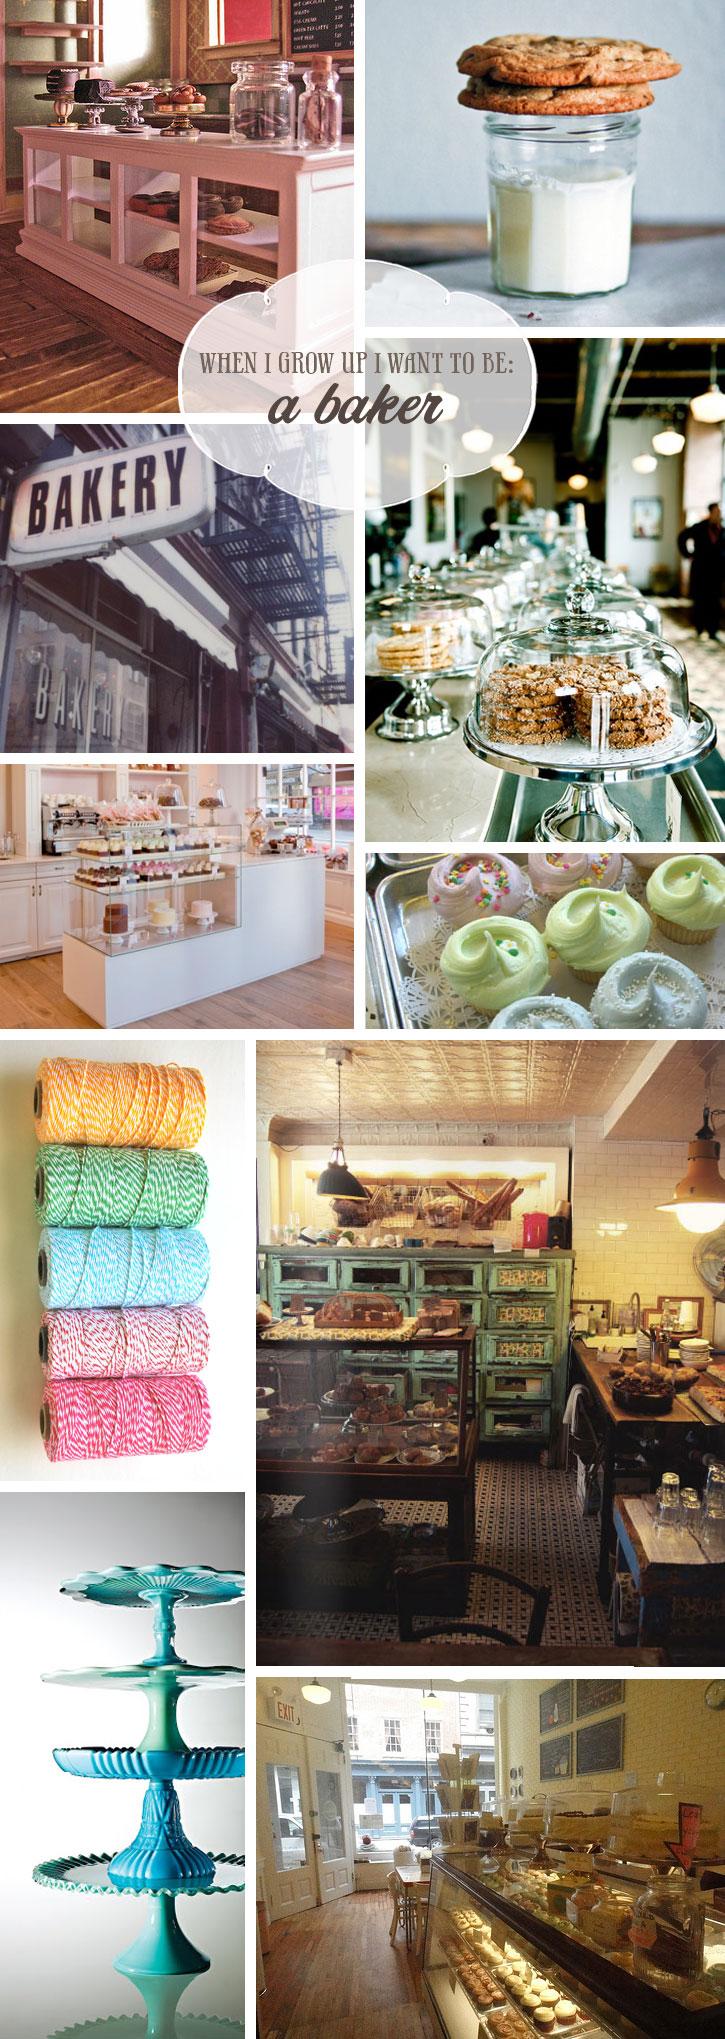 oldsweetsong_baker